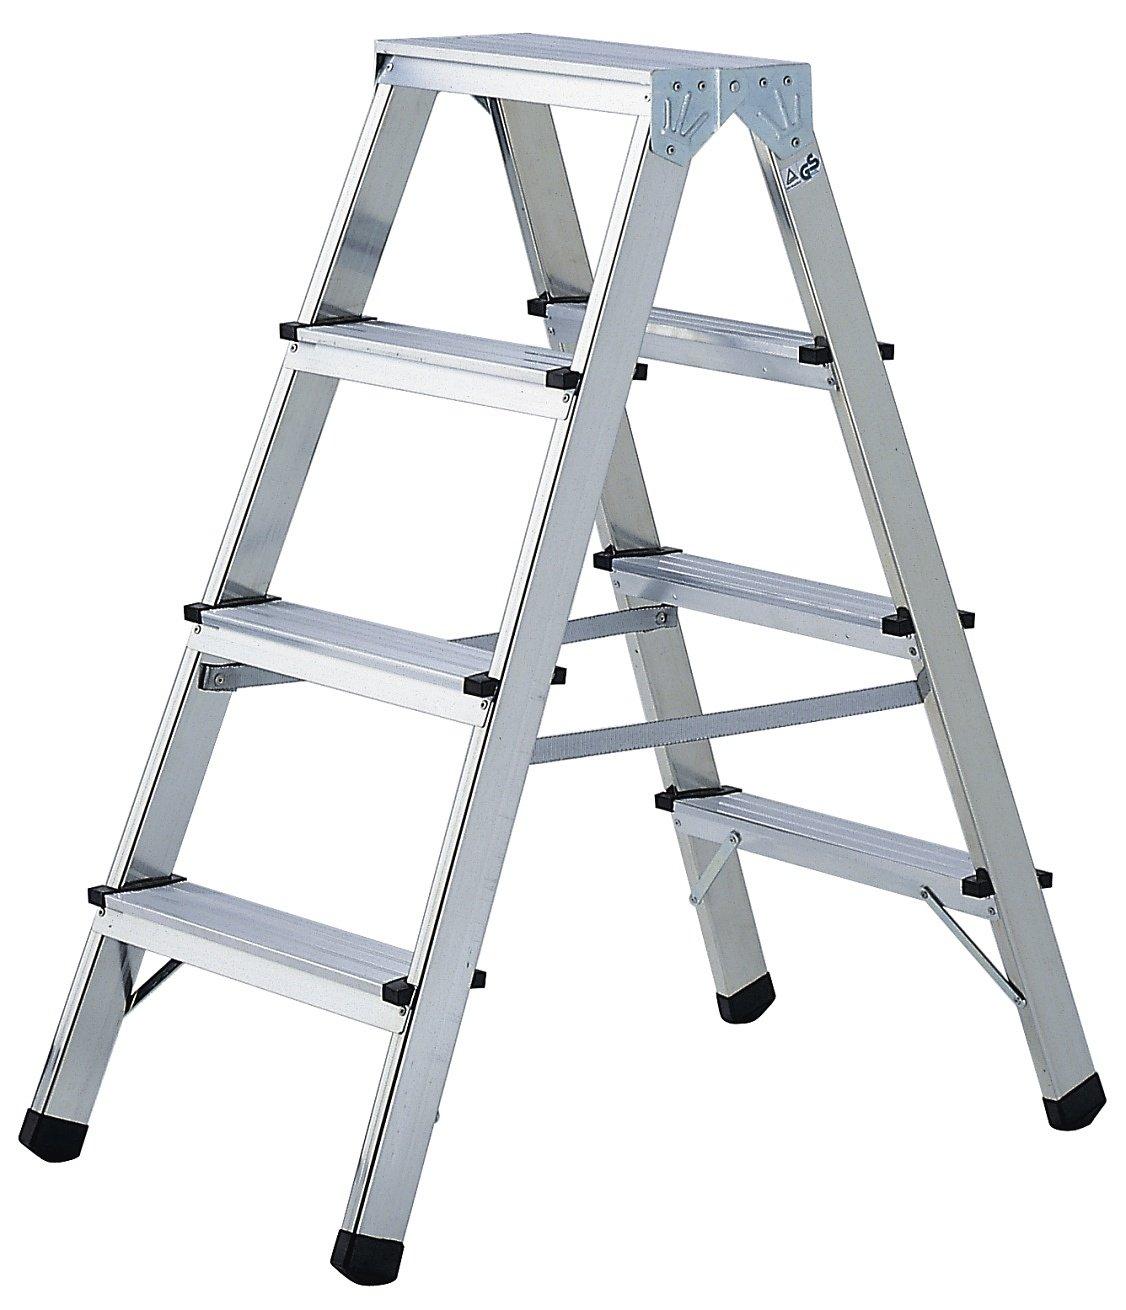 Brennenstuhl 1412040 Doppelstufenleiter Aluminium Handwerkerqualitä t 2 x 3 Stufen